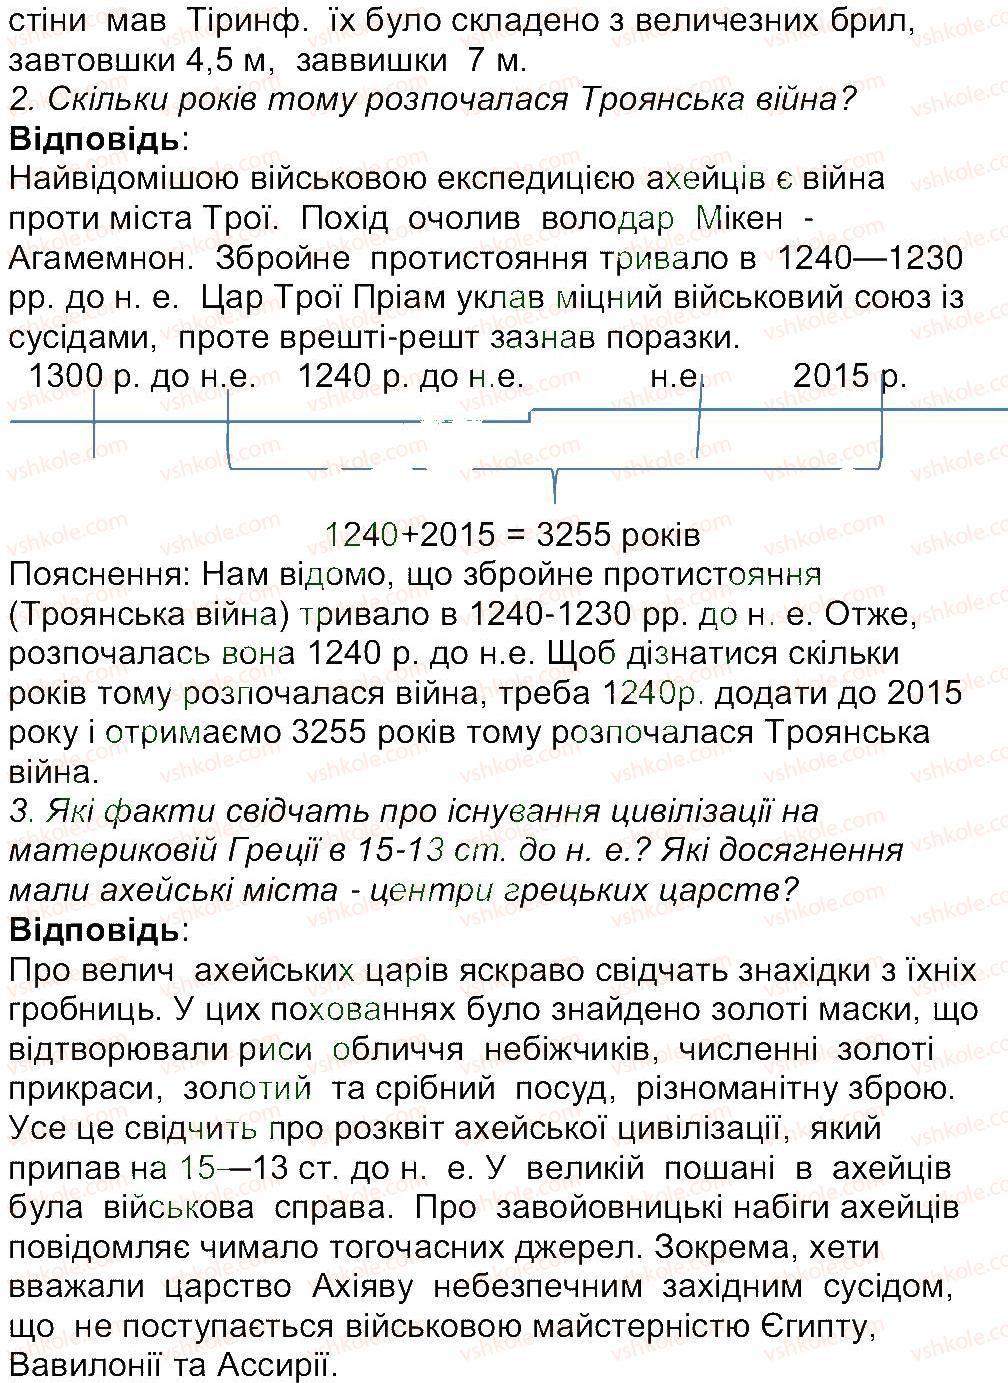 6-istoriya-og-bandrovskij-vs-vlasov-2014--storinki-72140-139-rnd4399.jpg